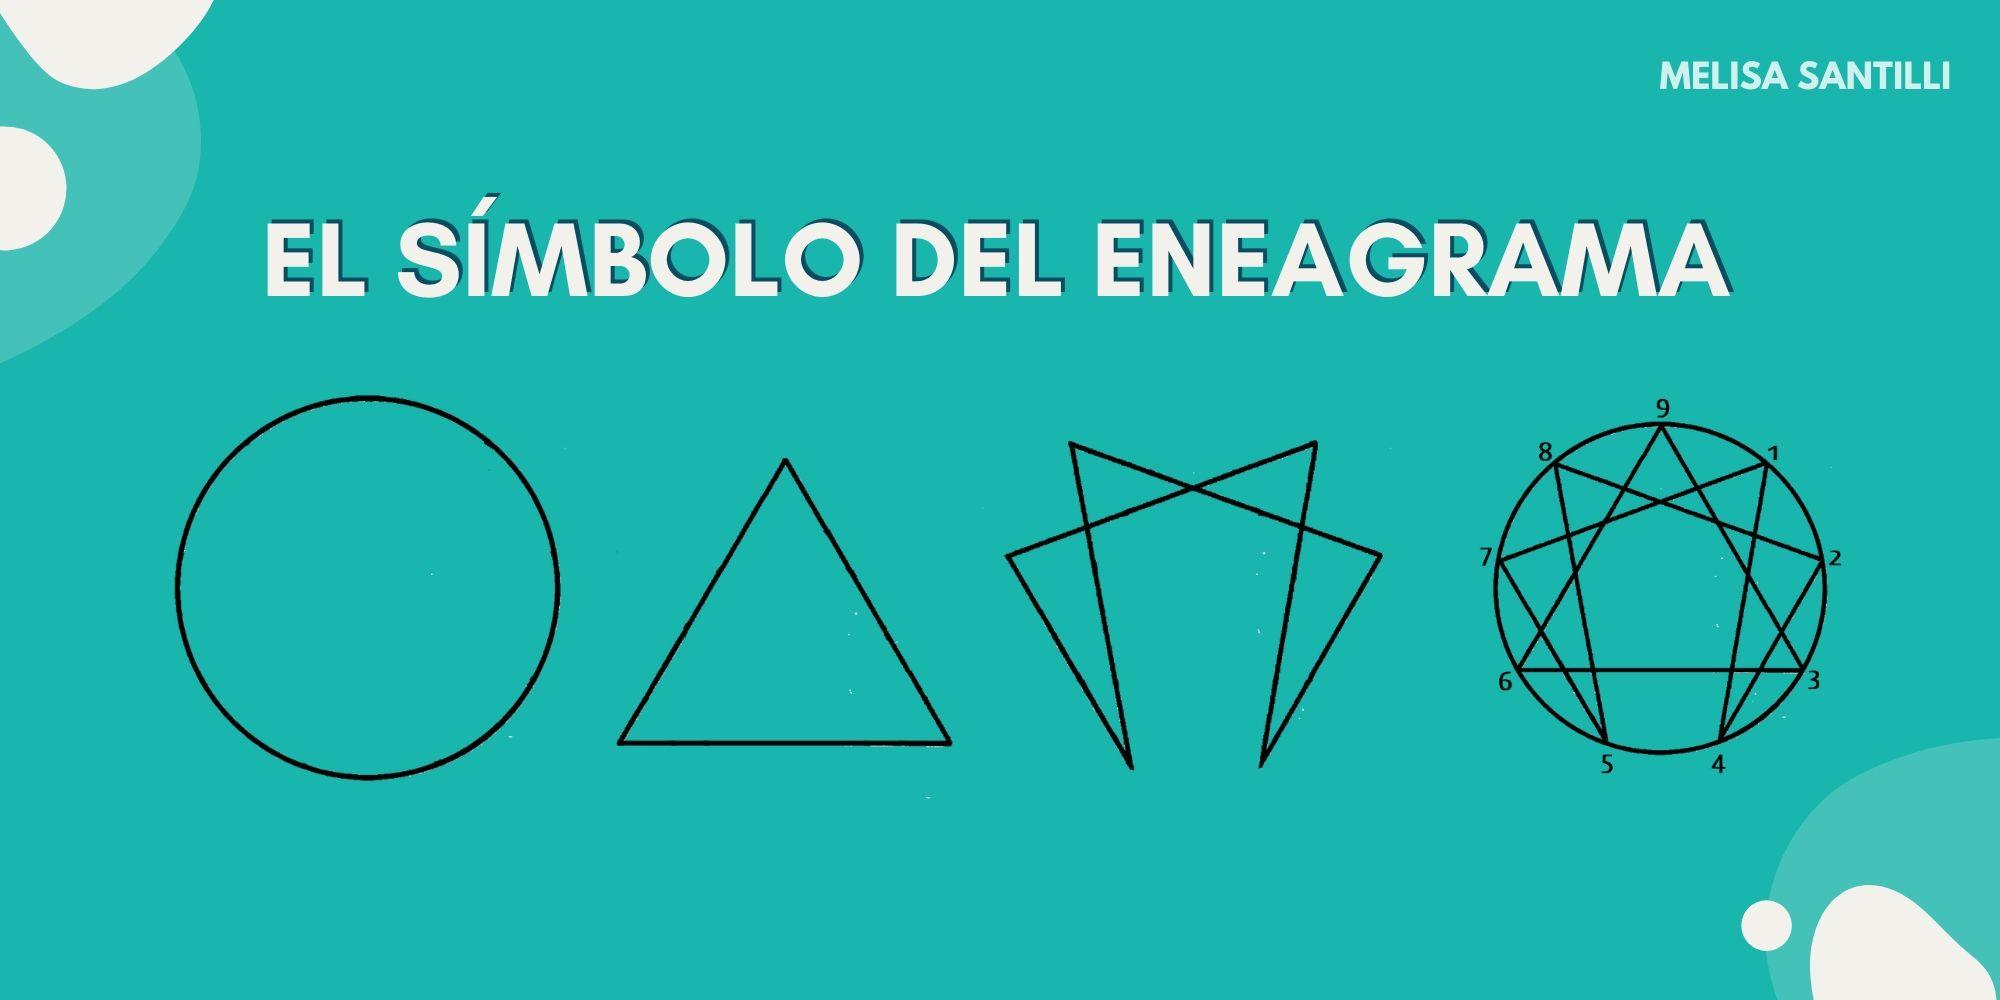 Símbolo del Eneagrama - Melisa Santilli